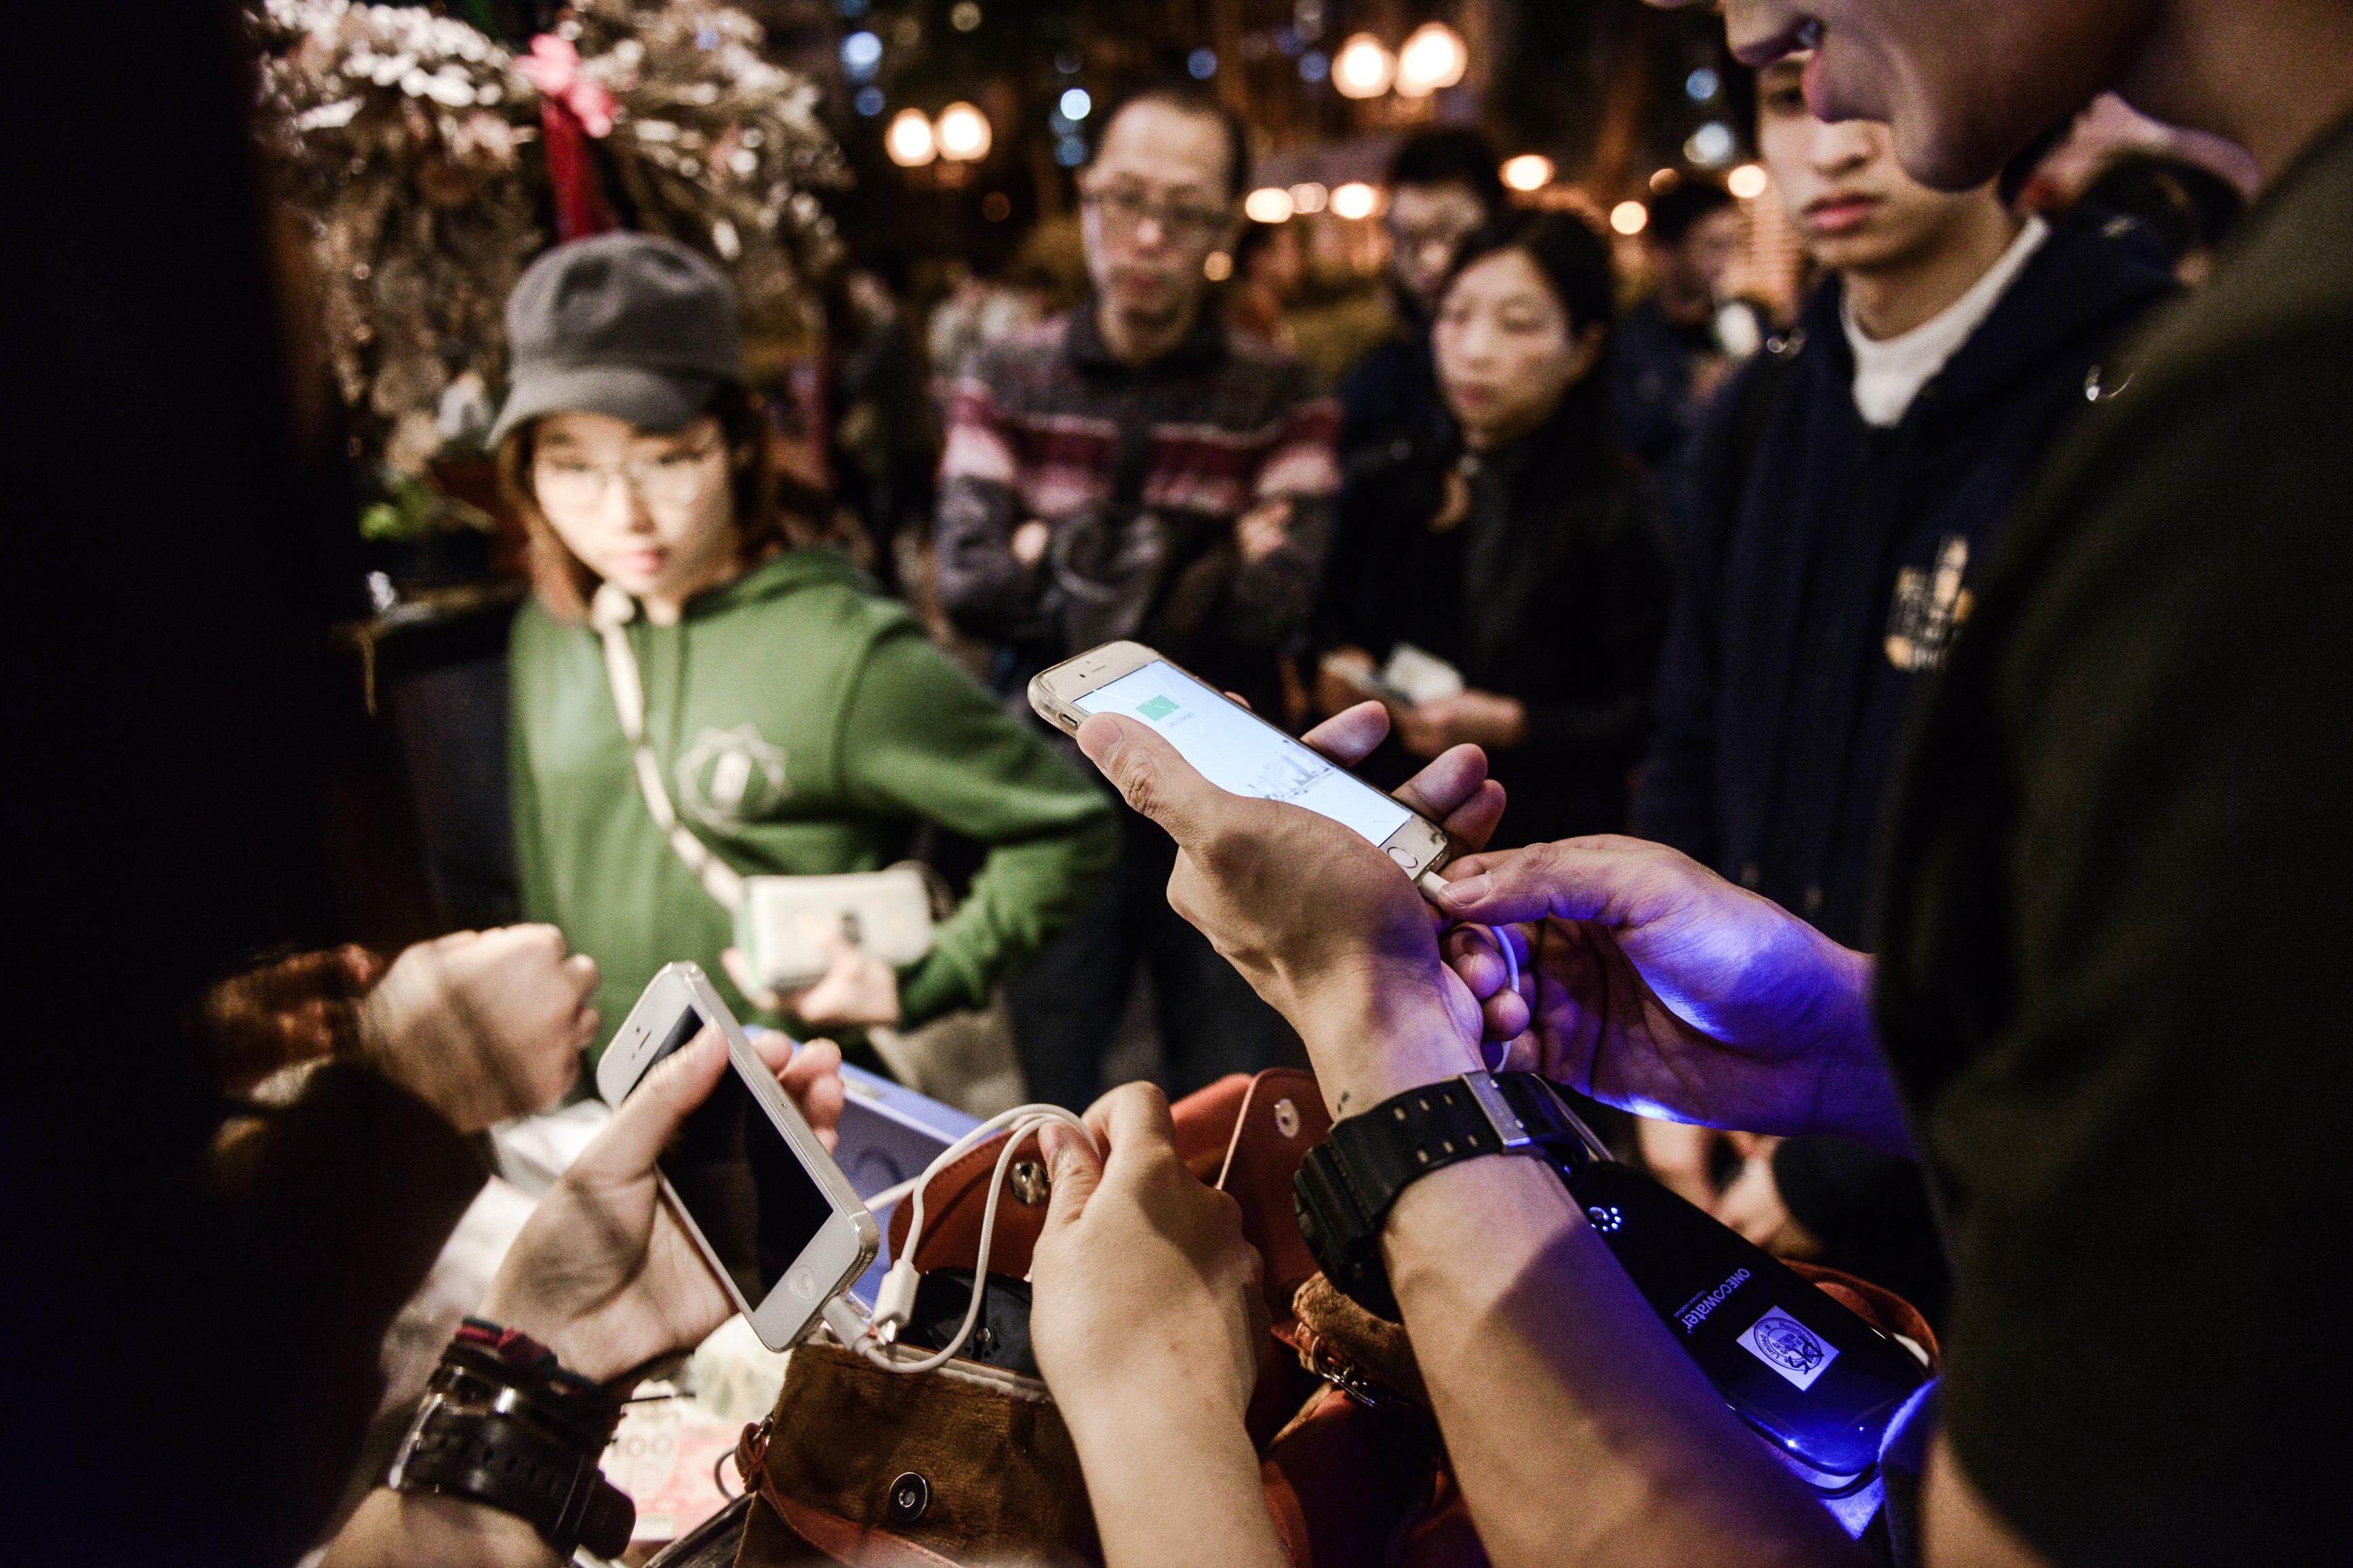 《消失的海岸線》/類別:《消失的海岸線》、演出/攝影:Fung Wai Sun/(天台製作 • 香港專業劇團)